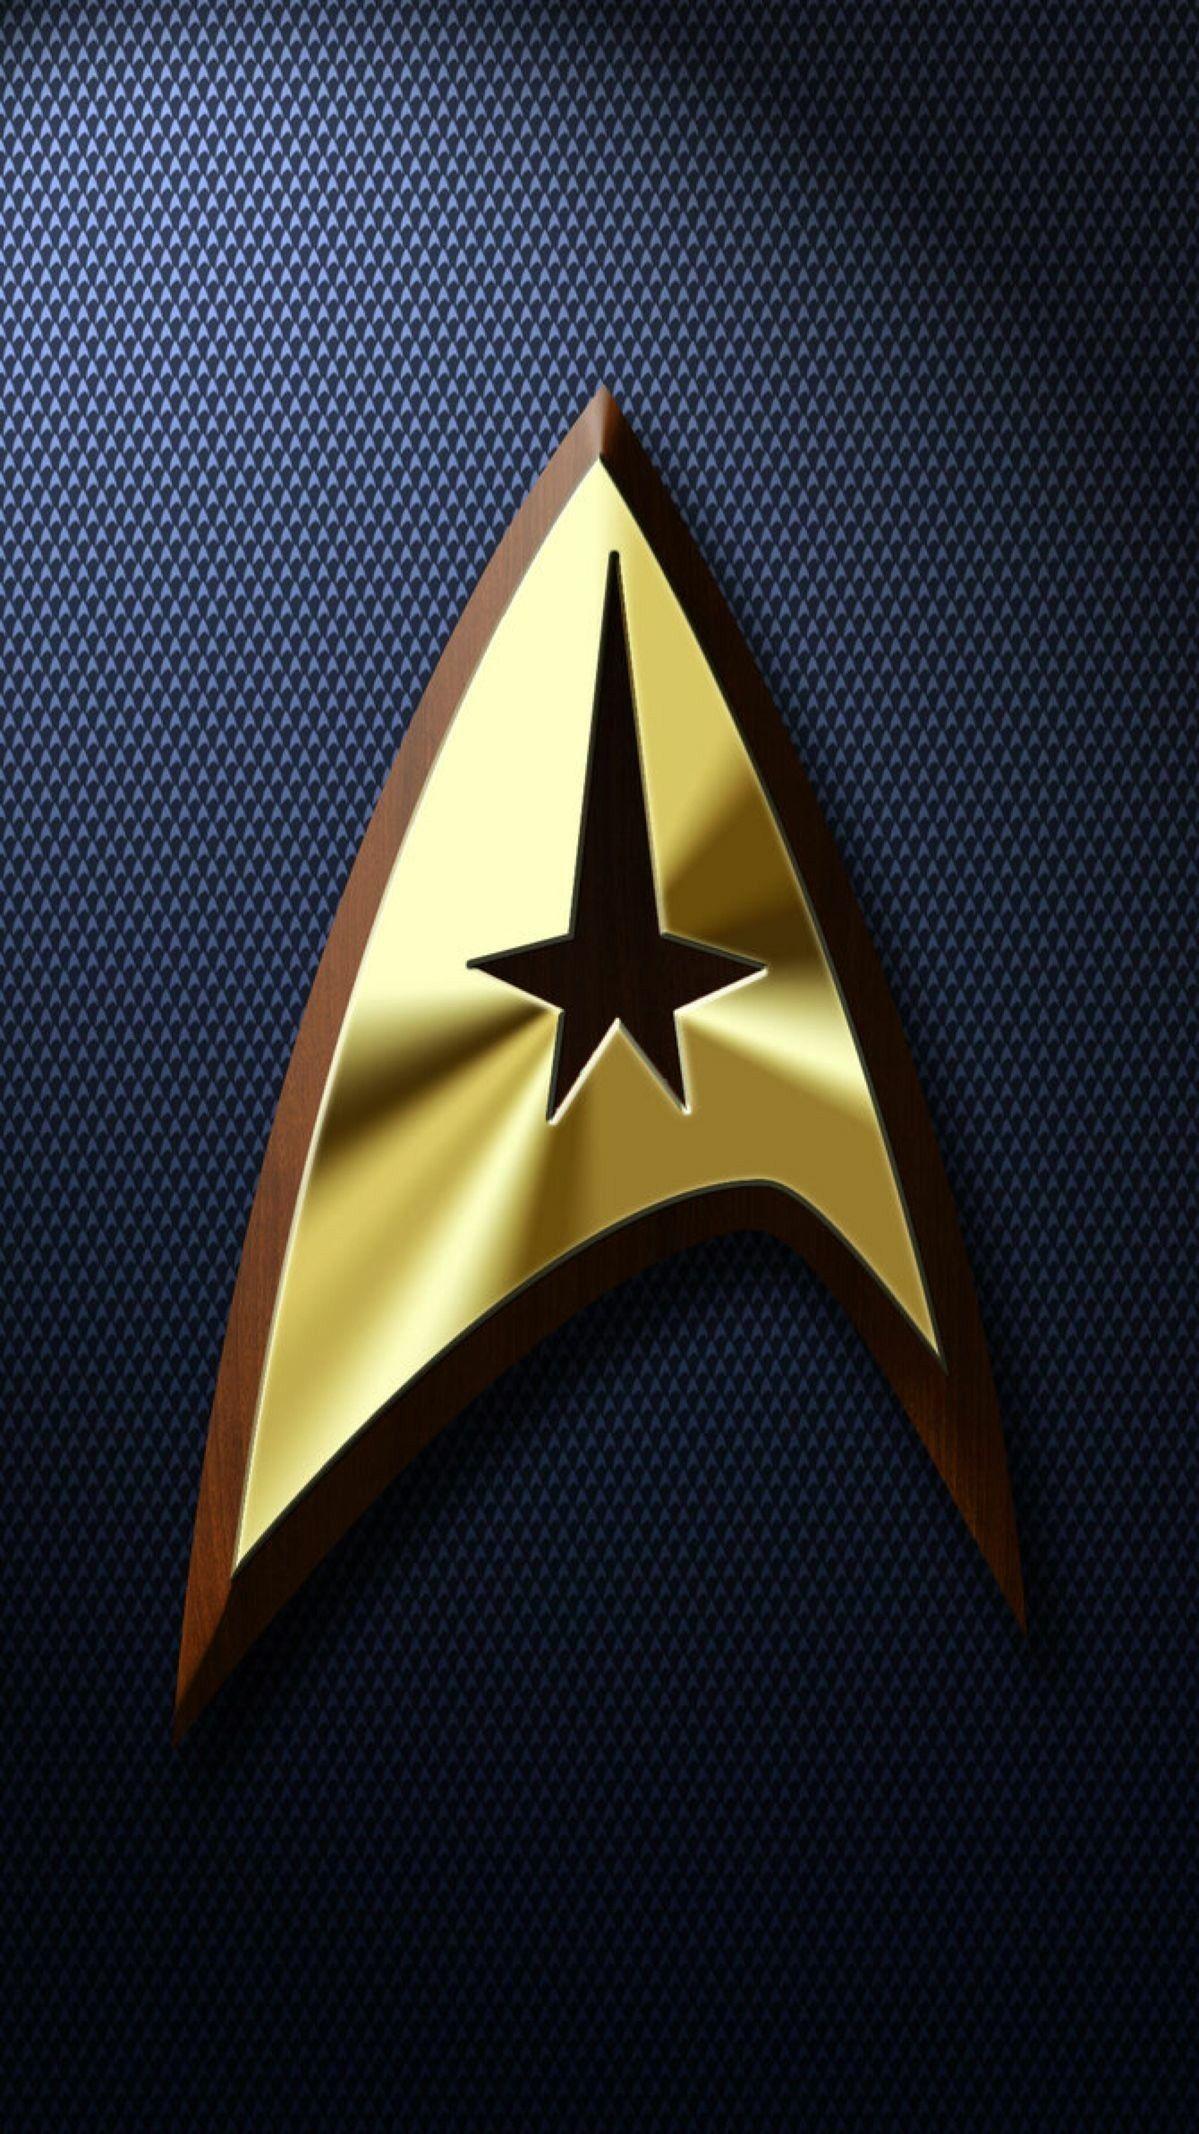 Star Trek Gold Logo Star Trek Wallpaper Star Trek Art Star Trek Starships